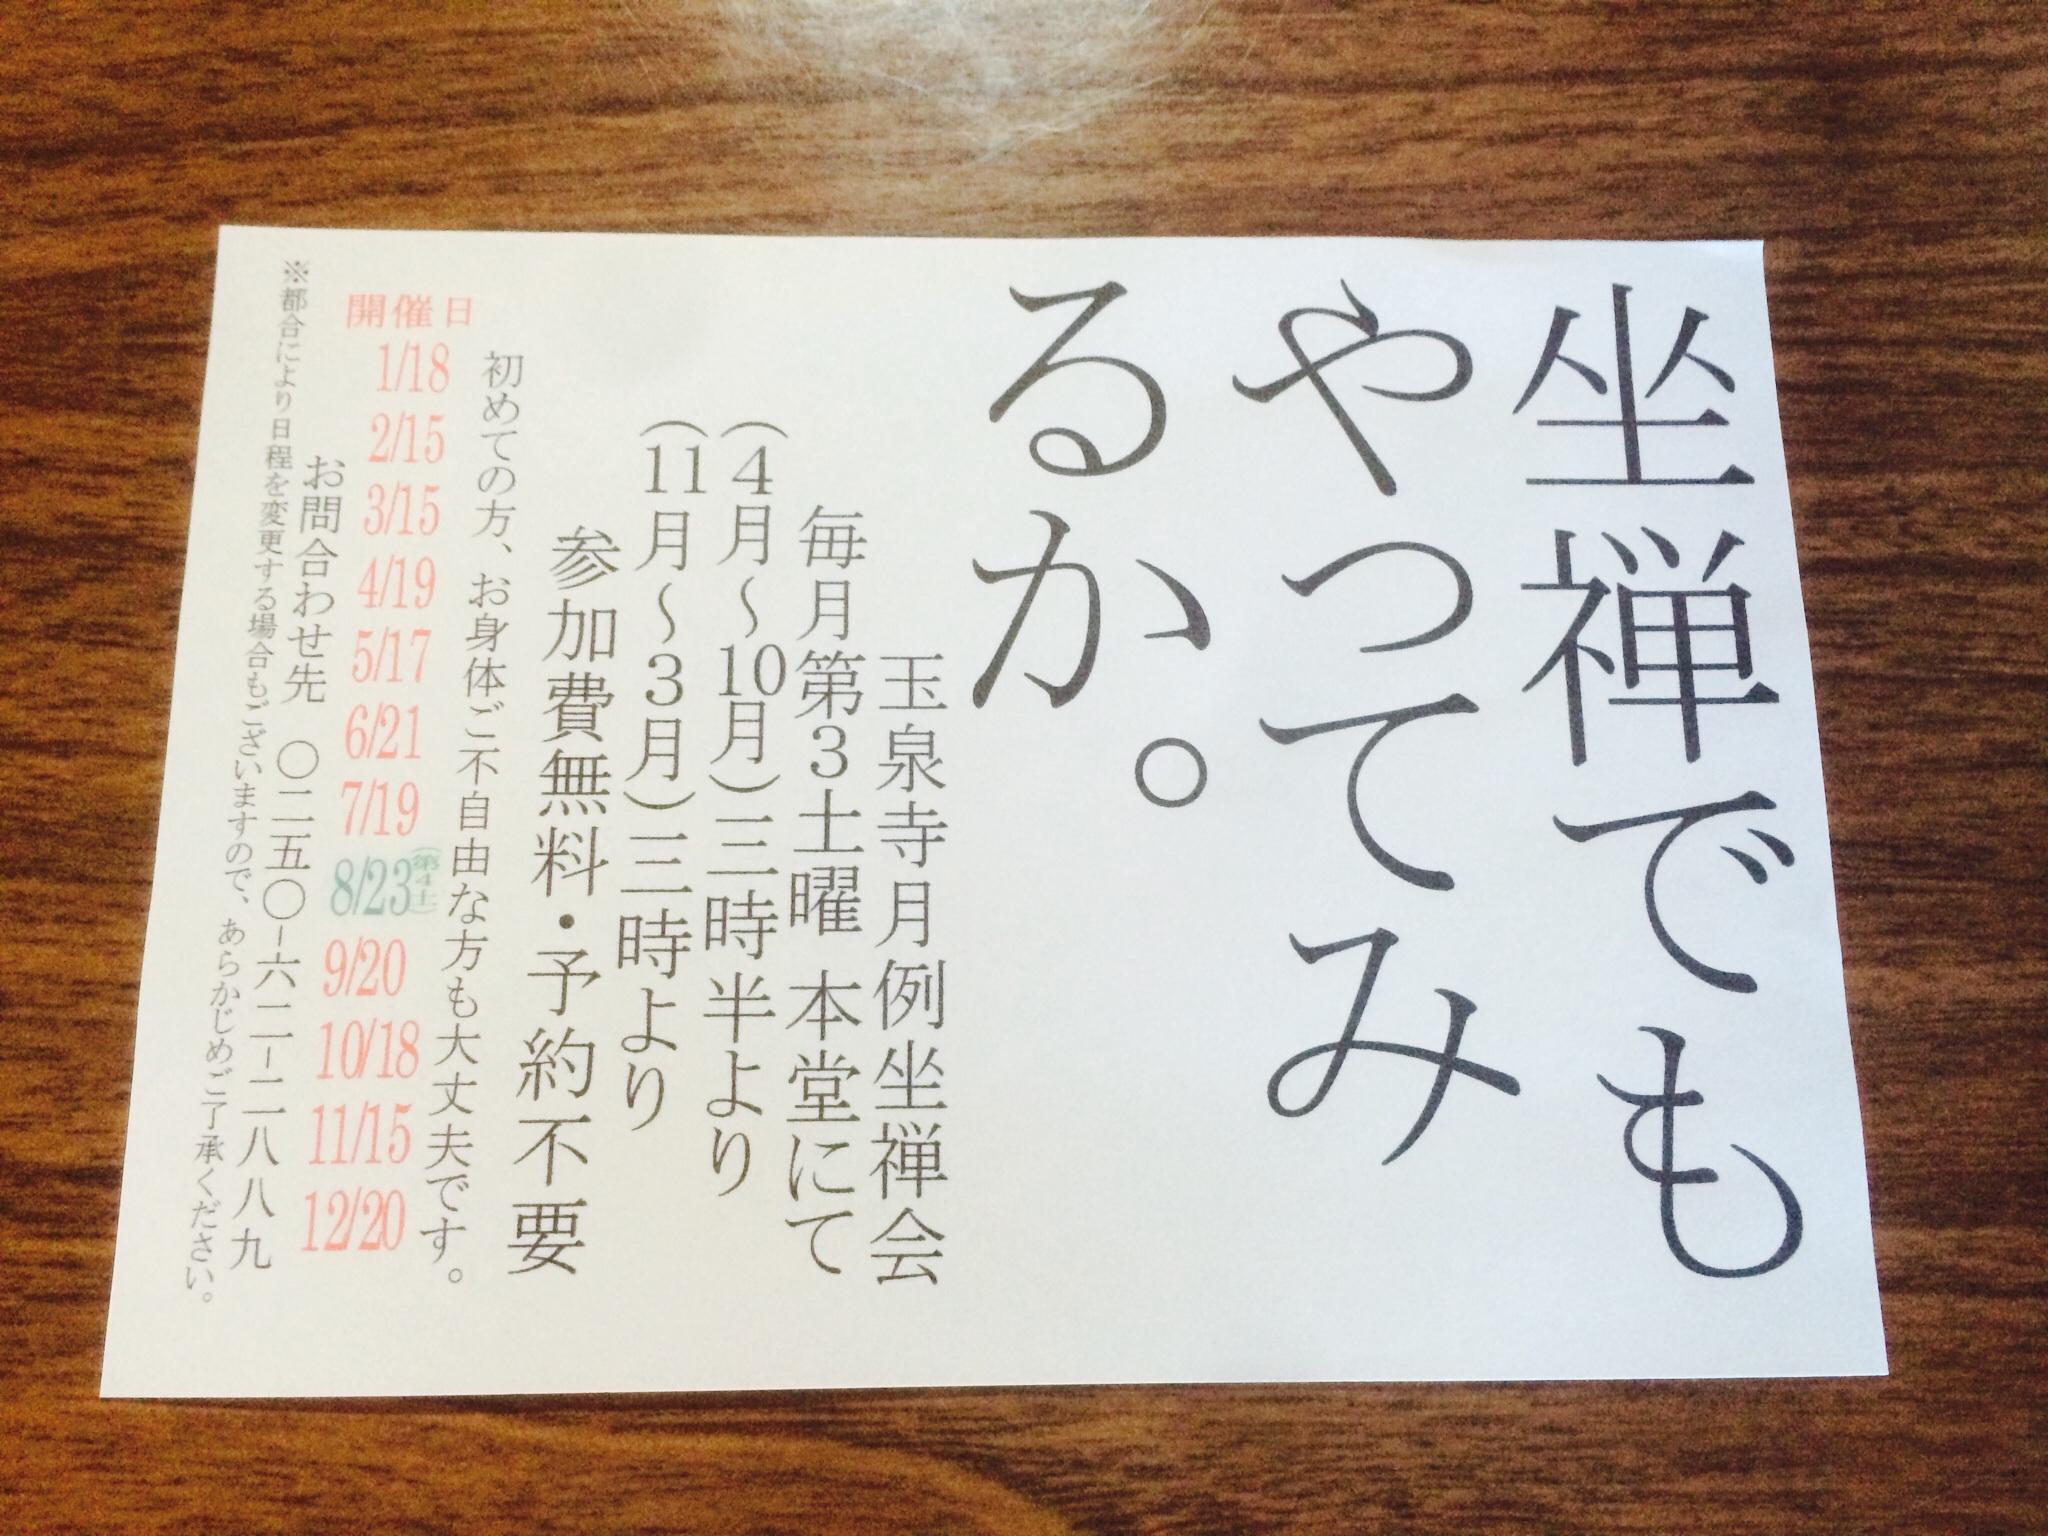 参加費無料!阿賀野市玉泉寺の「坐禅会」に参加して無我の境地に達しかけてきました。